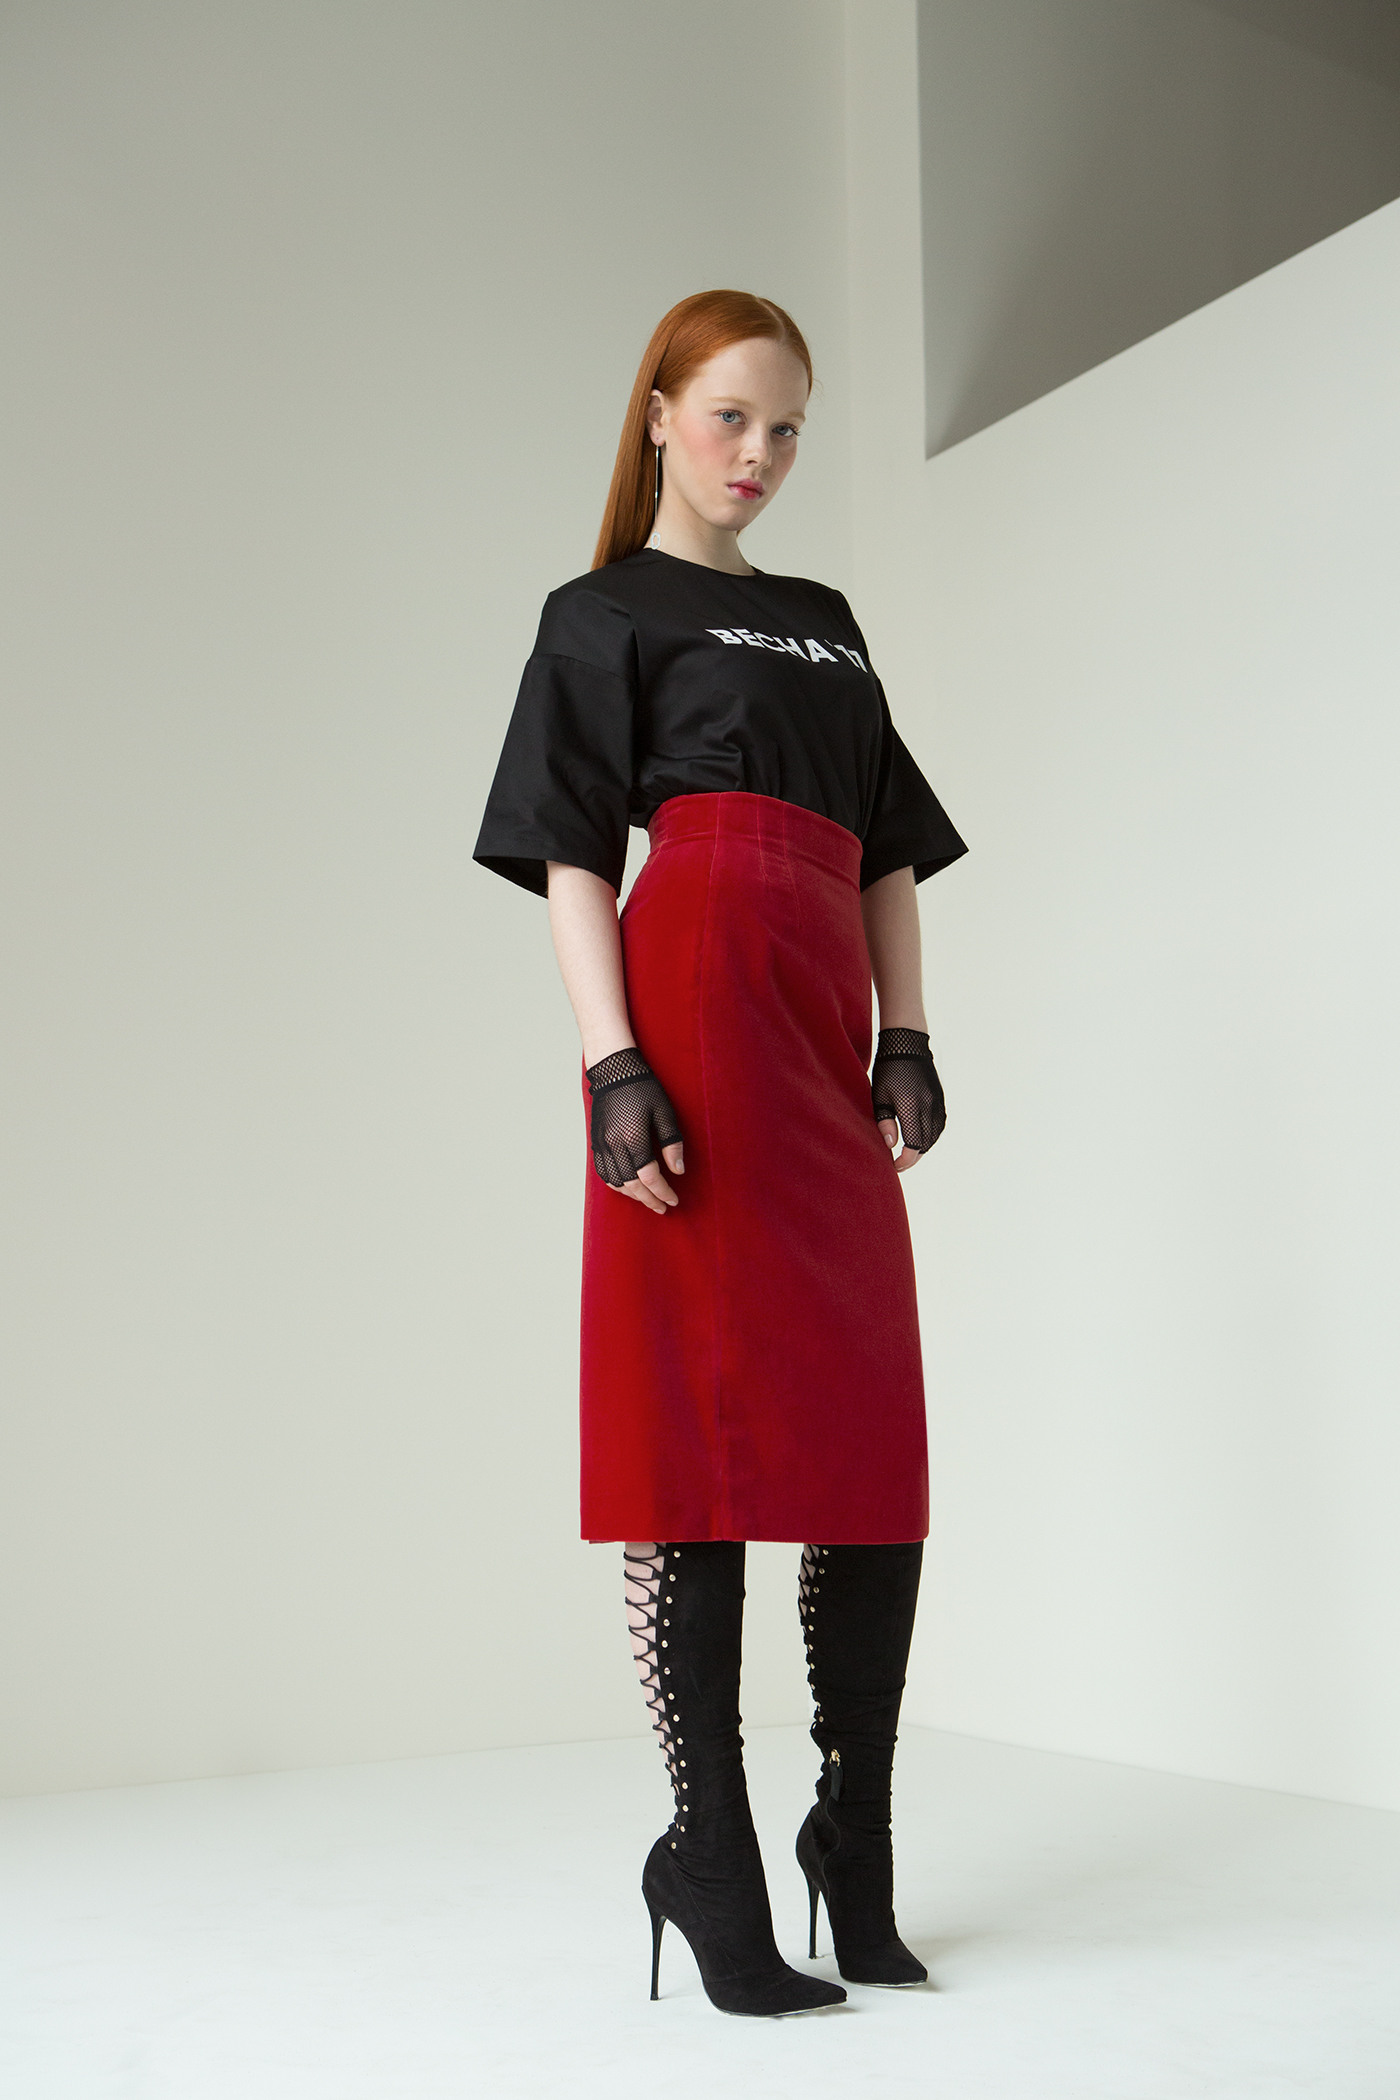 Бархатная юбкаОблегающая фигуру юбка-карандаш с высокой талией из алого бархата. Идеально подойдет для деловой встречи в сочетание с облегающим боди. Так же отлично гармонирует с футболками из новой коллекции ВЕСНА 17&#13;<br>&#13;<br>&#13;<br>застегивается на потайную молнию по центру спинки&#13;<br>&#13;<br>выразительные выточки, формирует фигуру&#13;<br>&#13;<br>юбка с подкладкой из вискозы&#13;<br>&#13;<br>длина изделия от талии — 74 см&#13;<br>&#13;<br>при выборе размера, ориентируйтесь на нашу таблицу размеров. Если по меркам вы находитесь между двумя размерами то, можно выбрать вещь меньшего размера, тогда вы добъетесь более облегающего силуэта, или большего, чтобы изделие имело более свободный силуэт.<br><br>Цвет: Красный<br>Размер: S, M<br>Ростовка: 164 -170